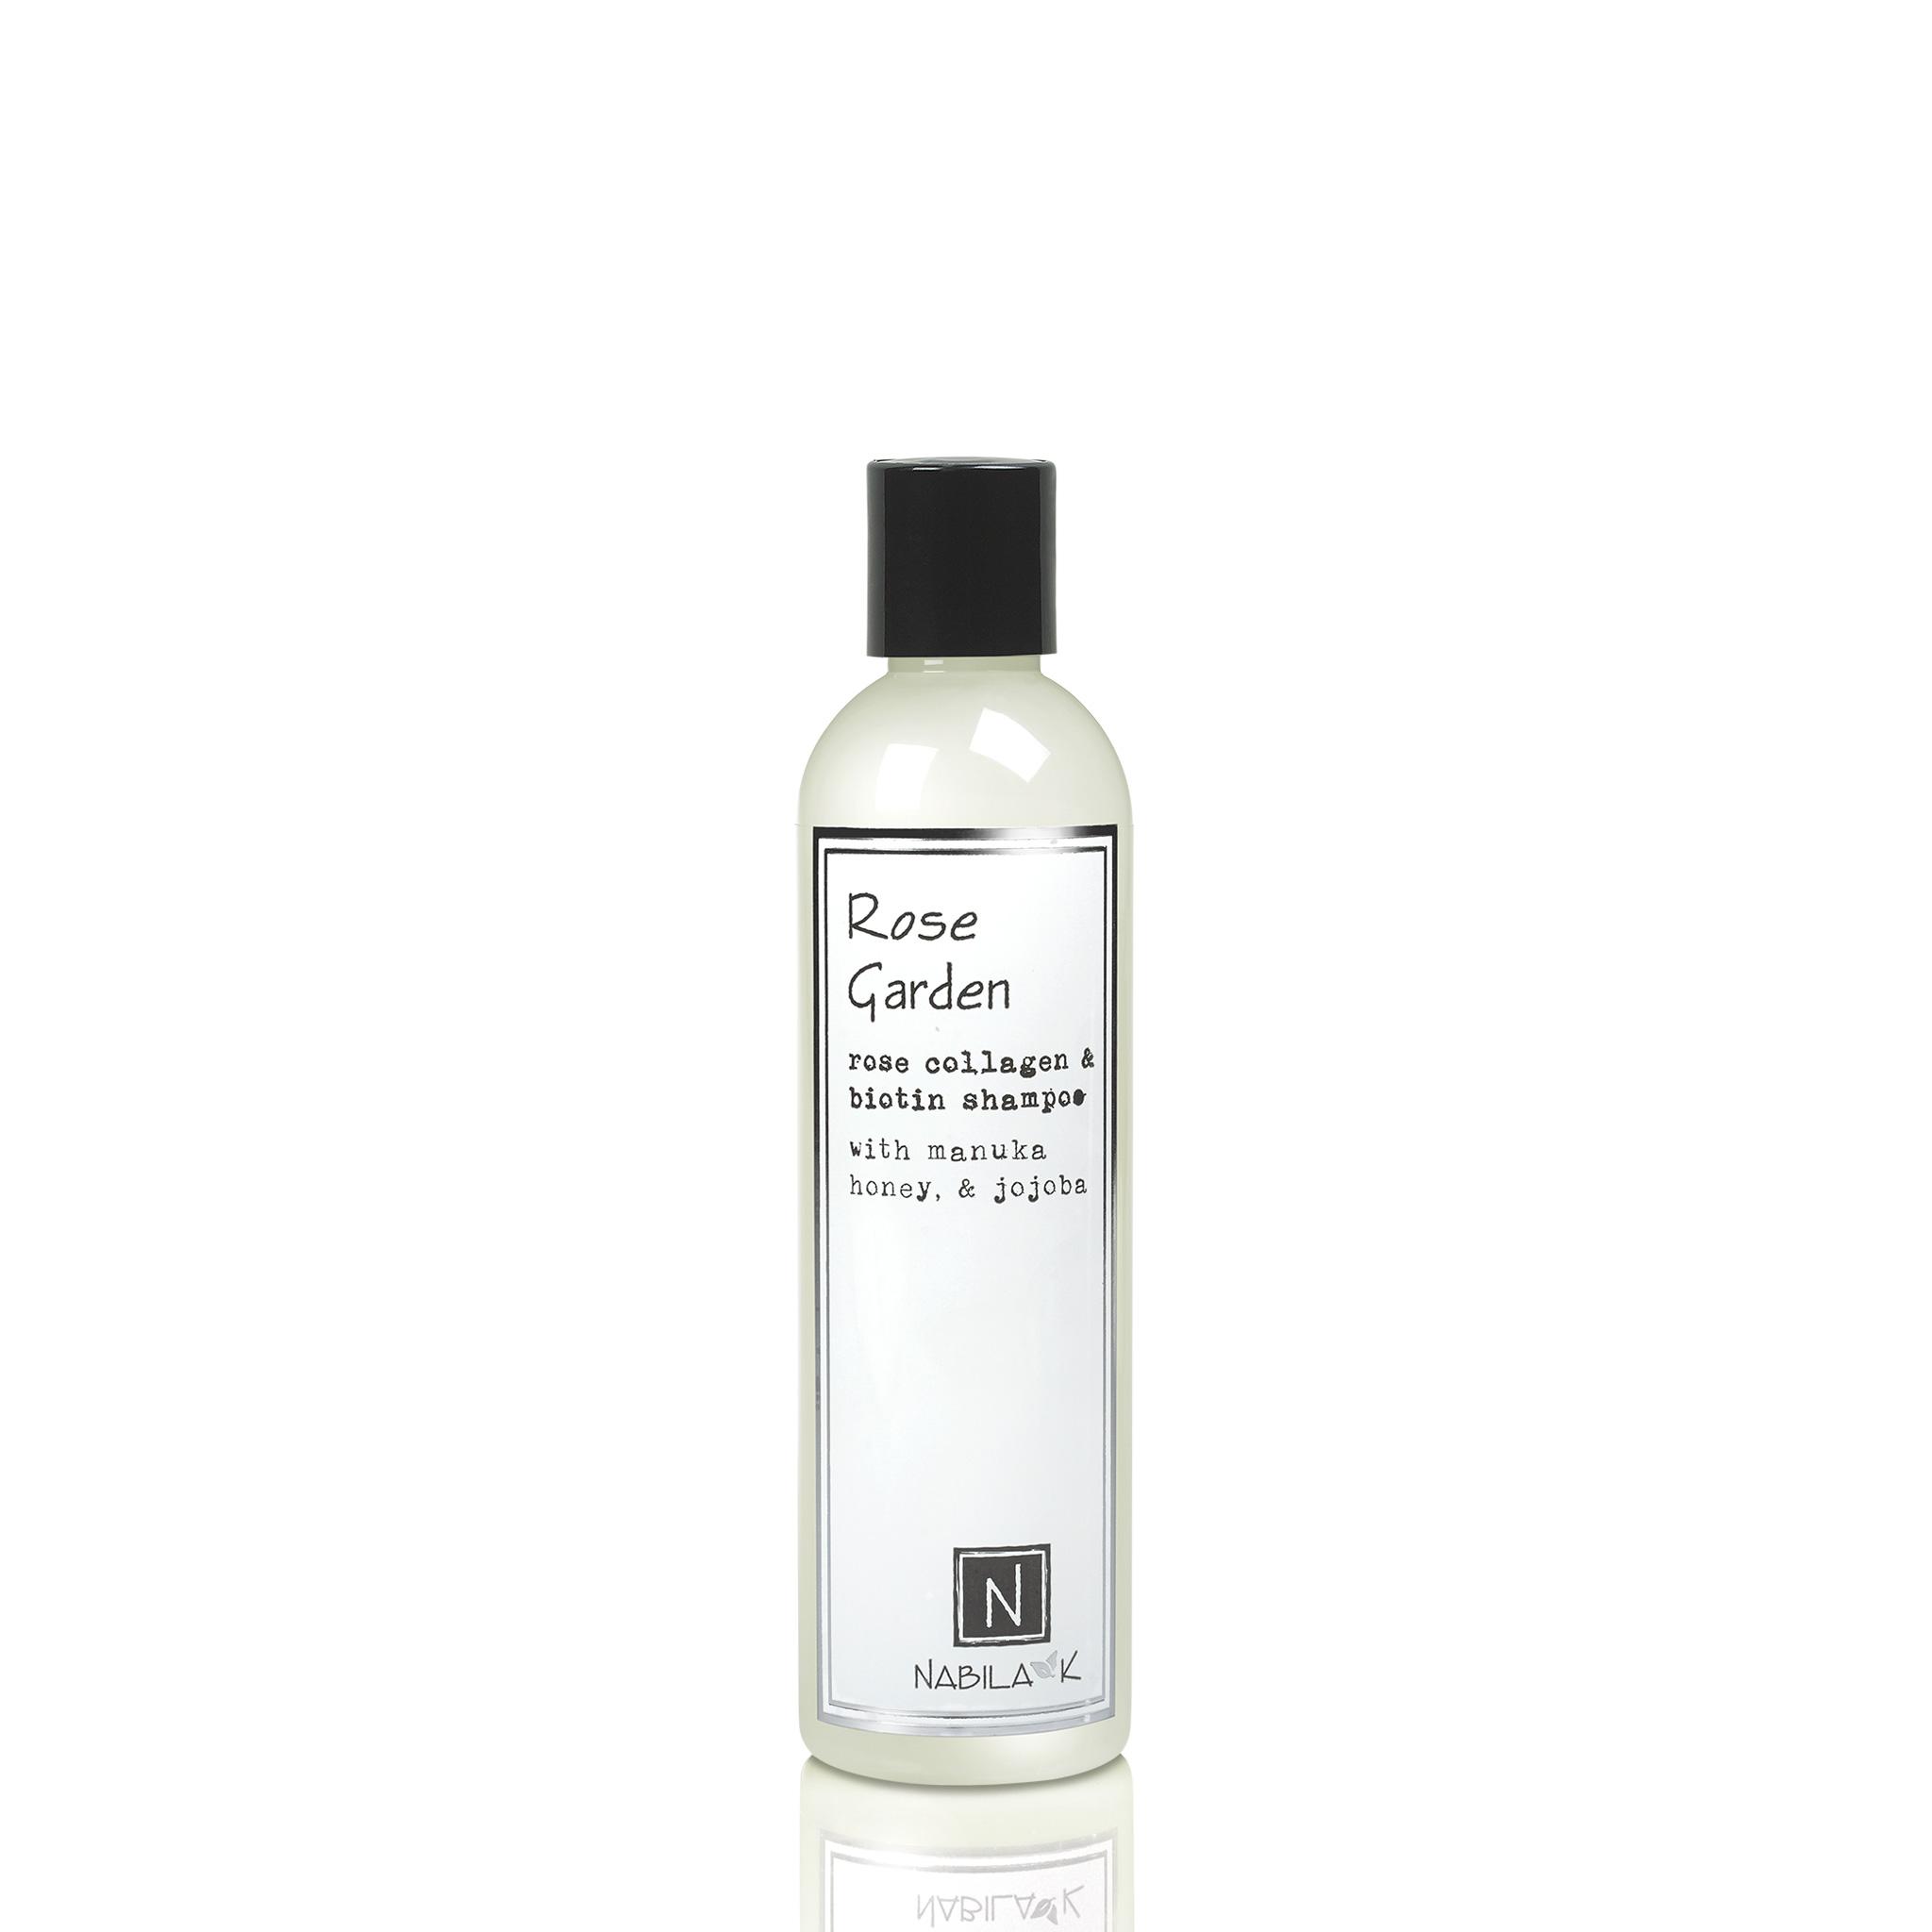 1 Large Sized Bottle of Nabila K's Rose Garden Rose Collagen and Biotin Shampoo with Maunka Honey and Jojoba